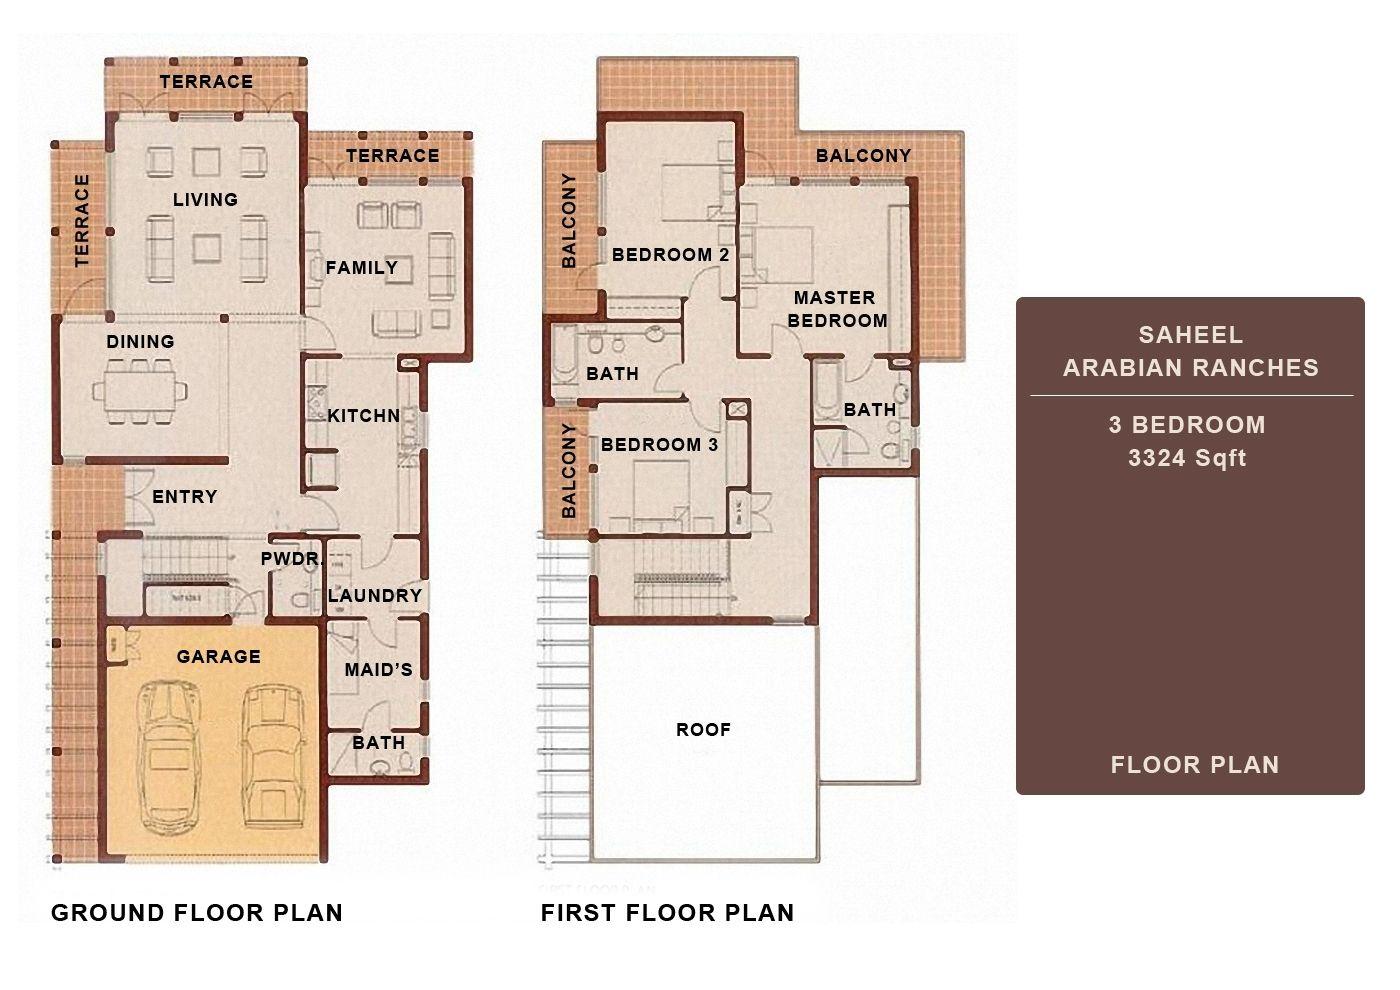 3 bedroom saheel arabian ranches dubai floor plans for Dubai house floor plans